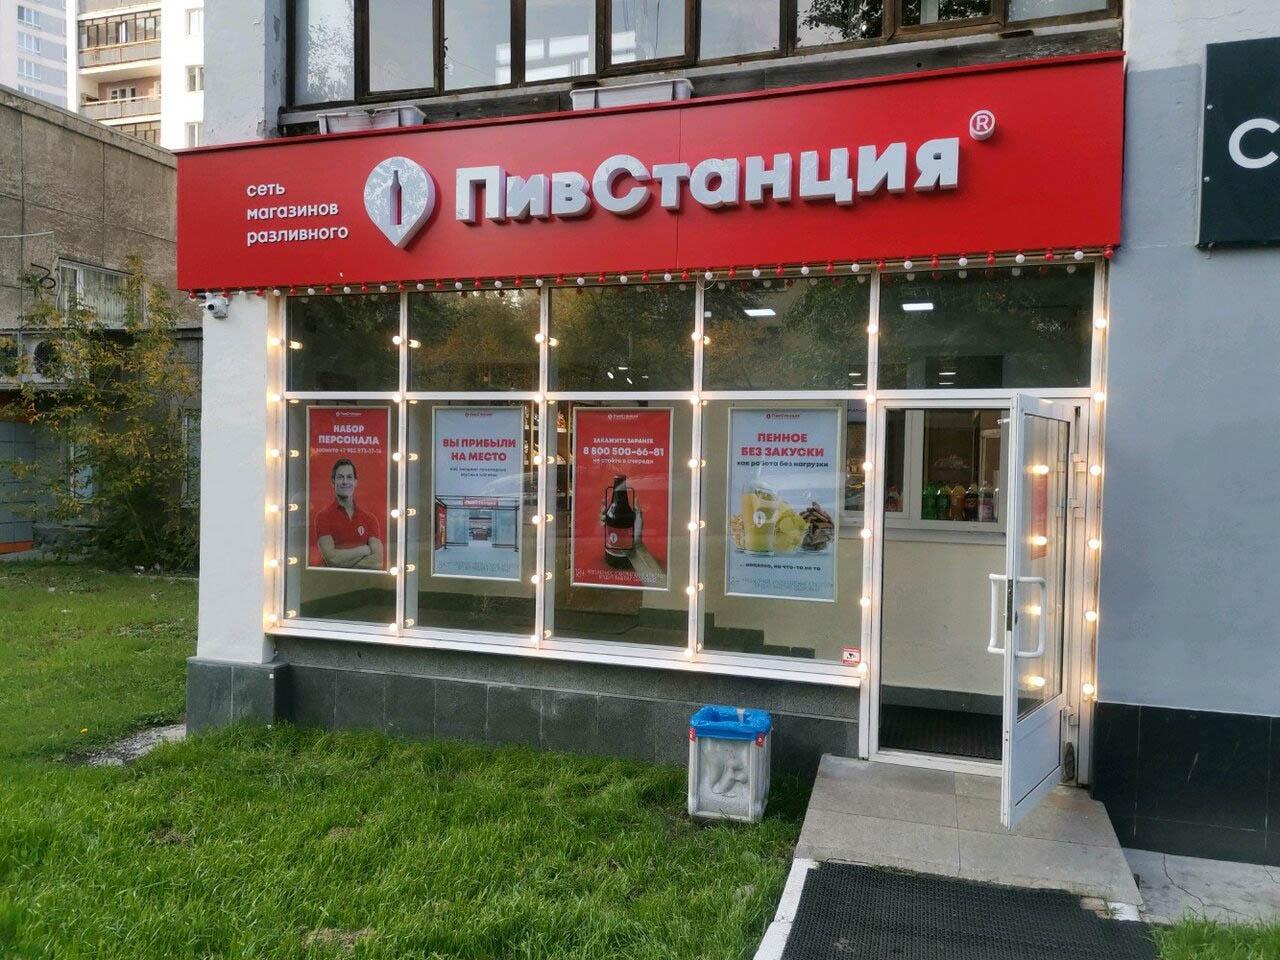 Магазин Пивстанция